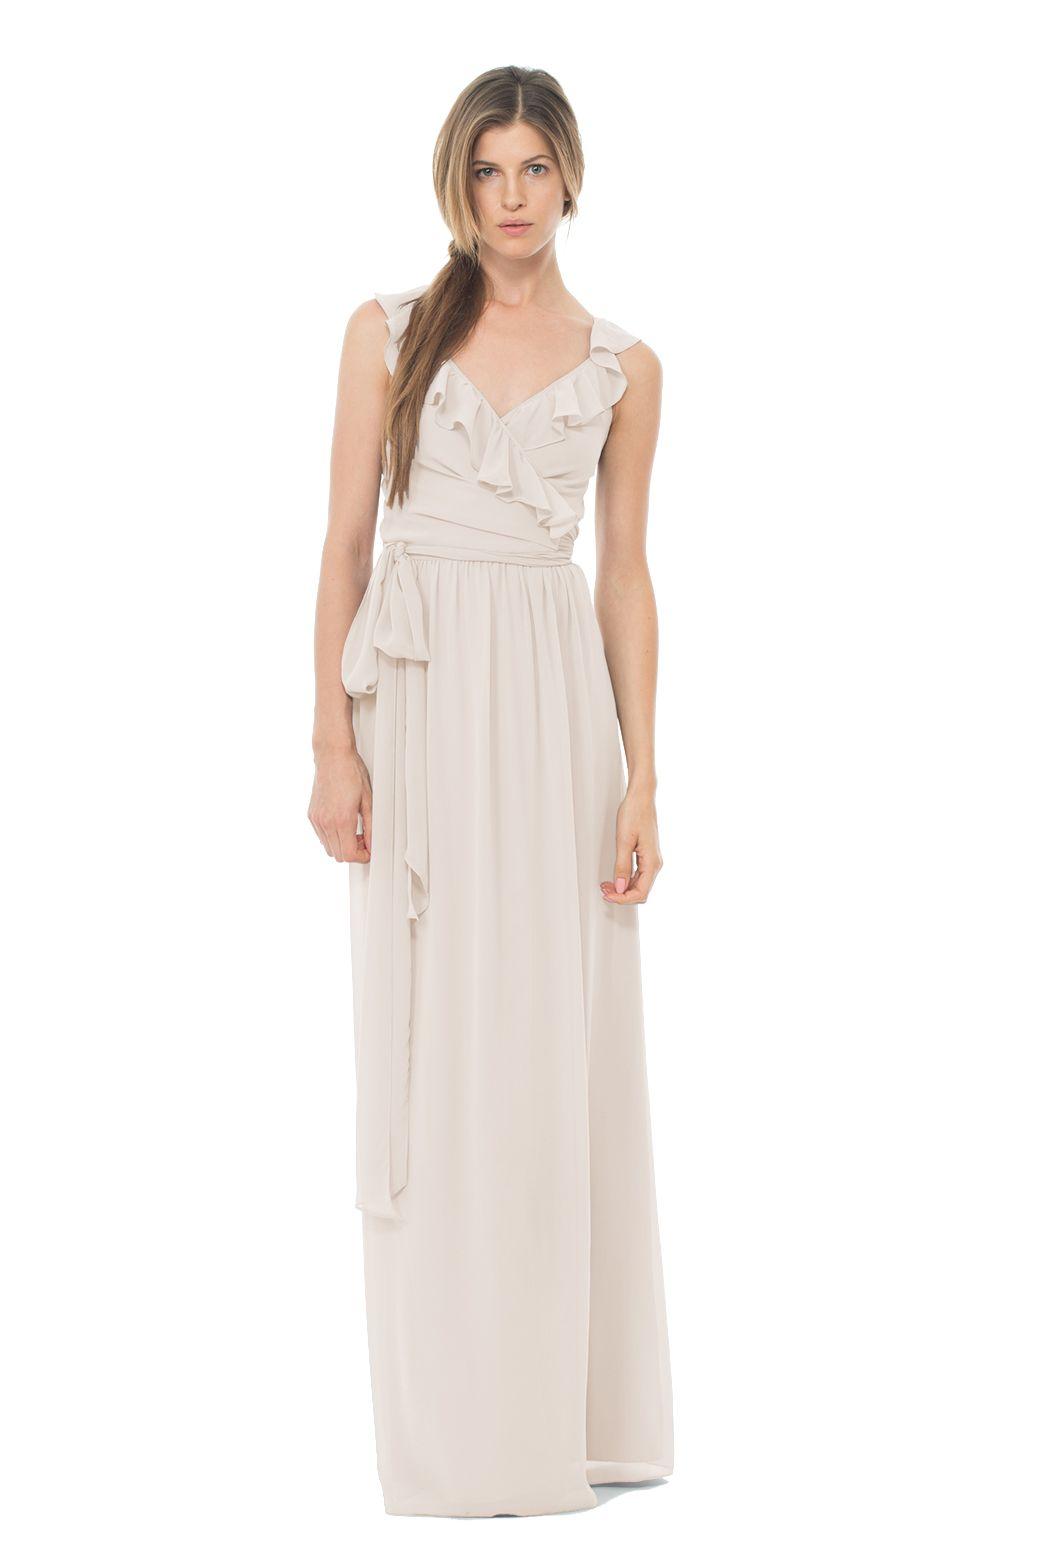 Shop joanna august bridesmaid dress lacey long in chiffon at